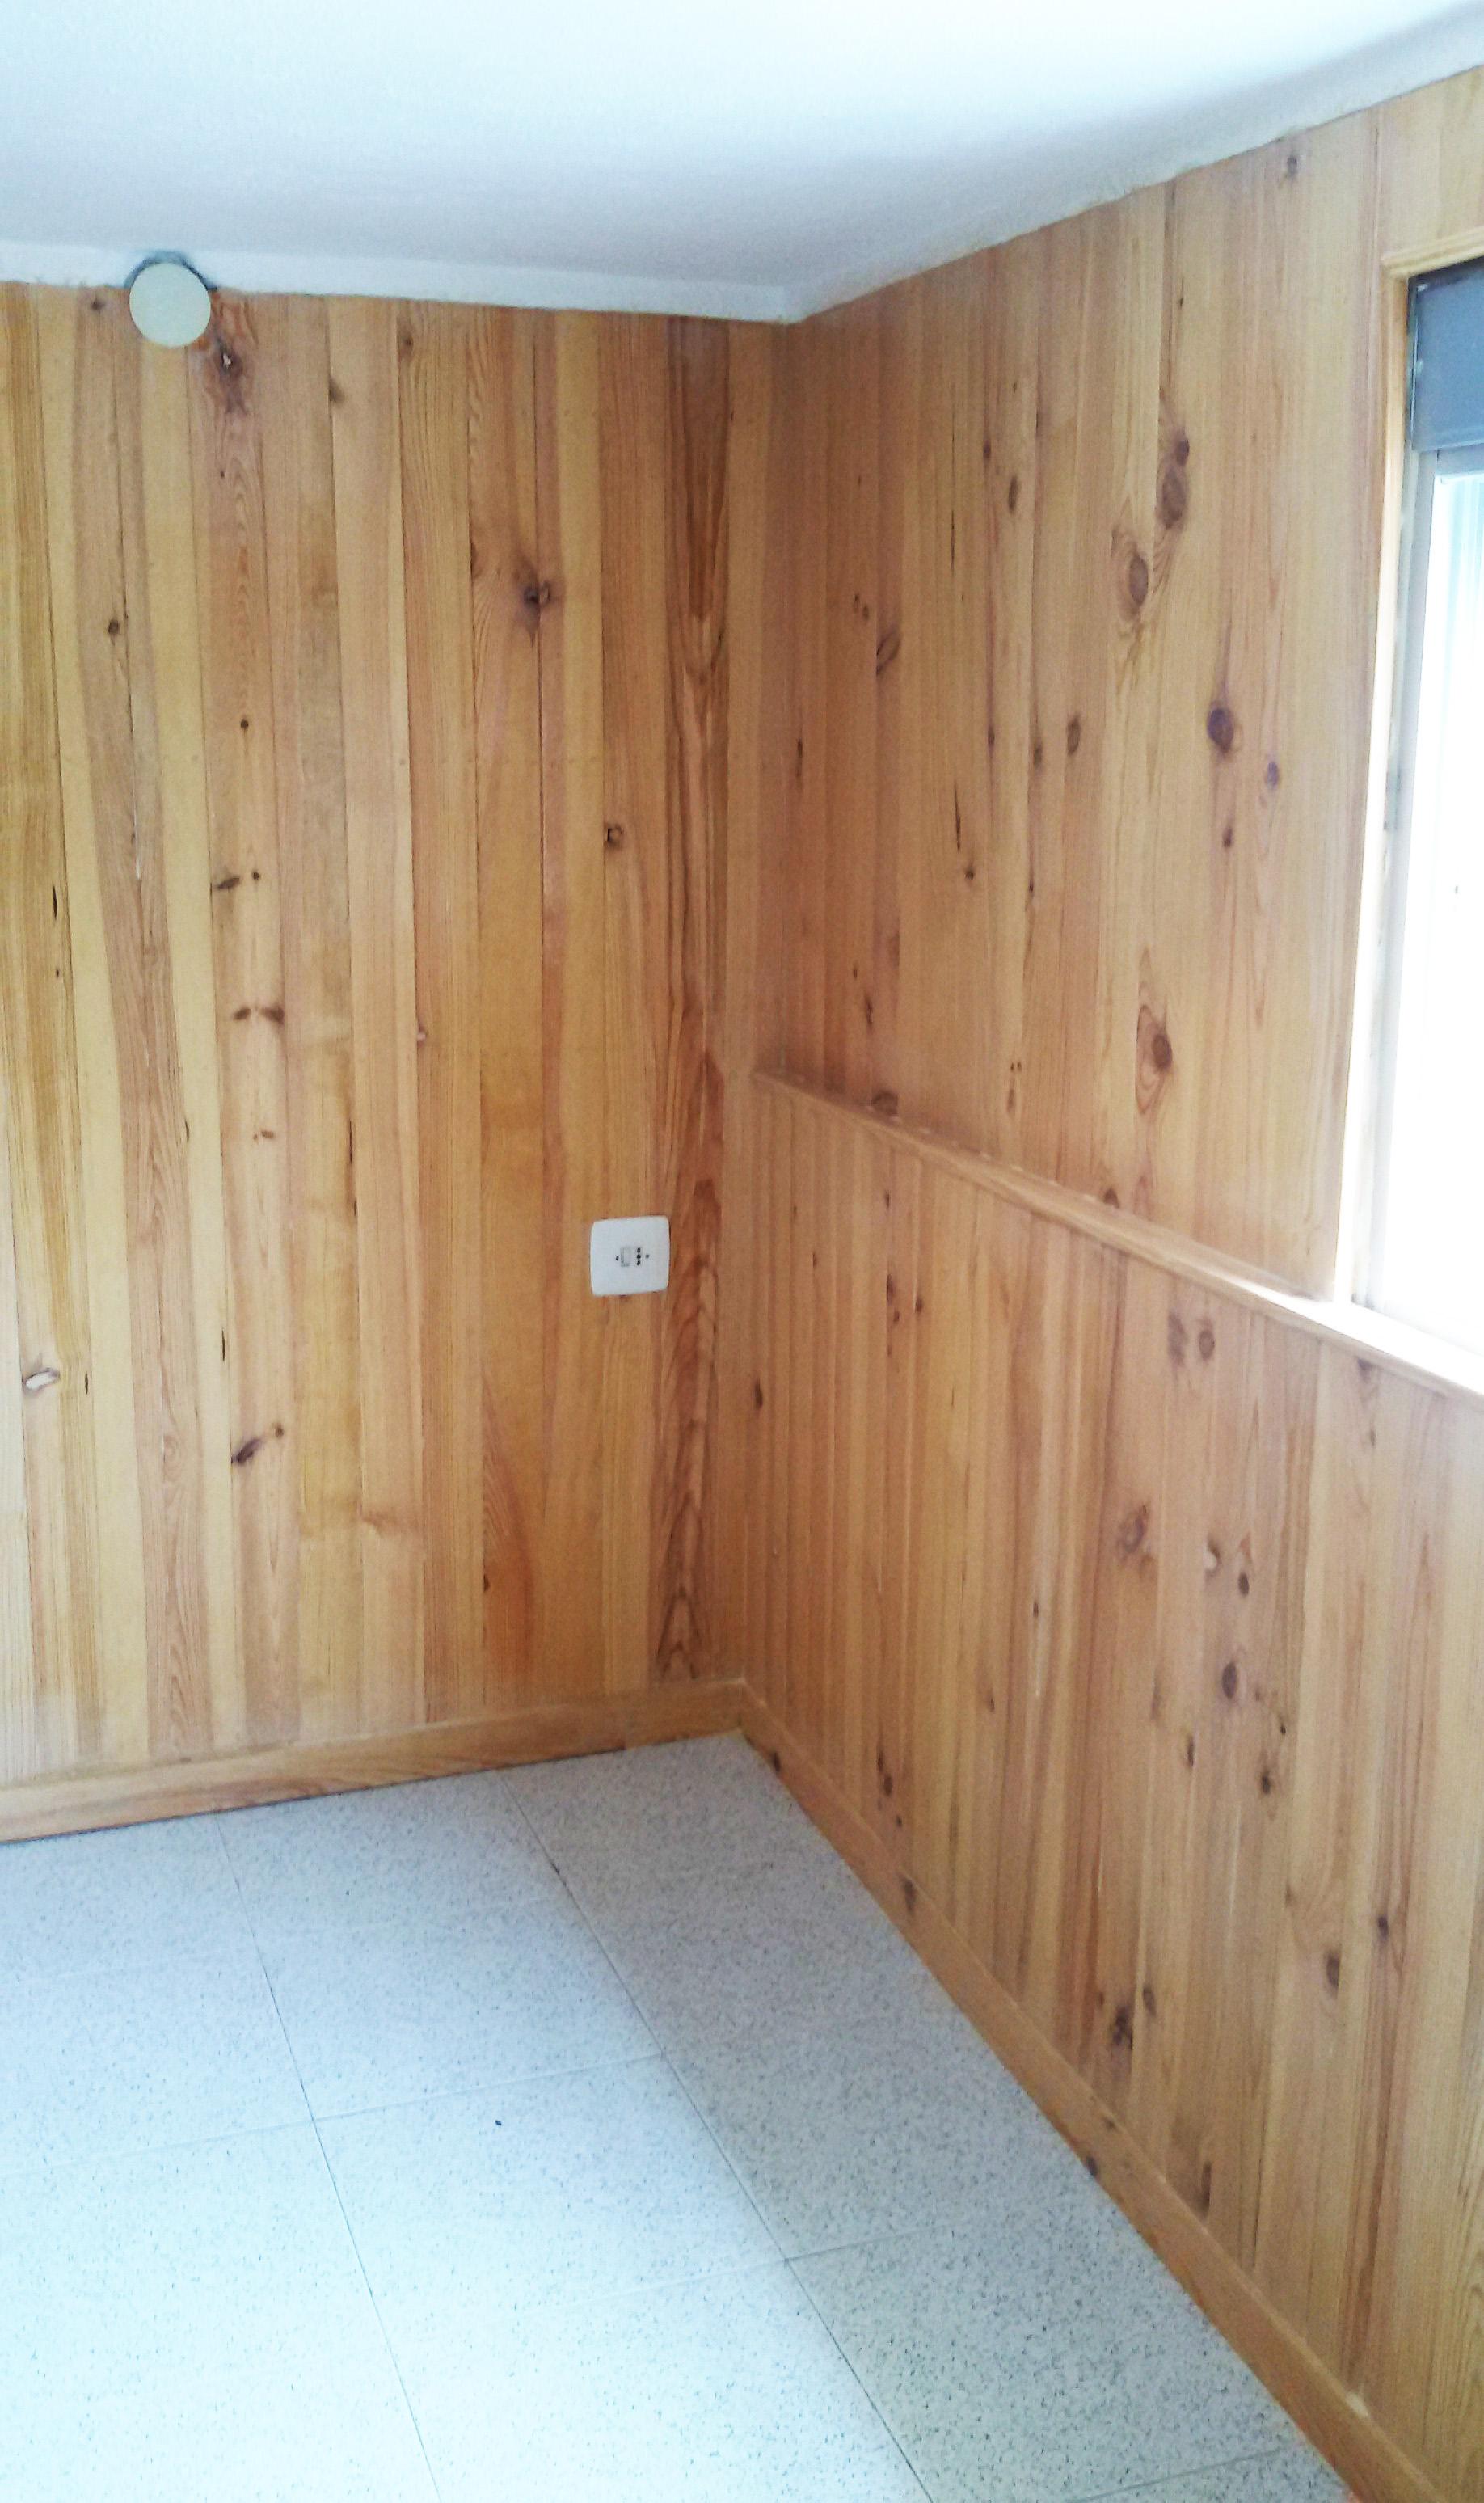 solucin para paredes con humedad forrado de paredes con madera de pino maciza y cmara de aire de cm la solucin perfecta para paredes con humedad uac